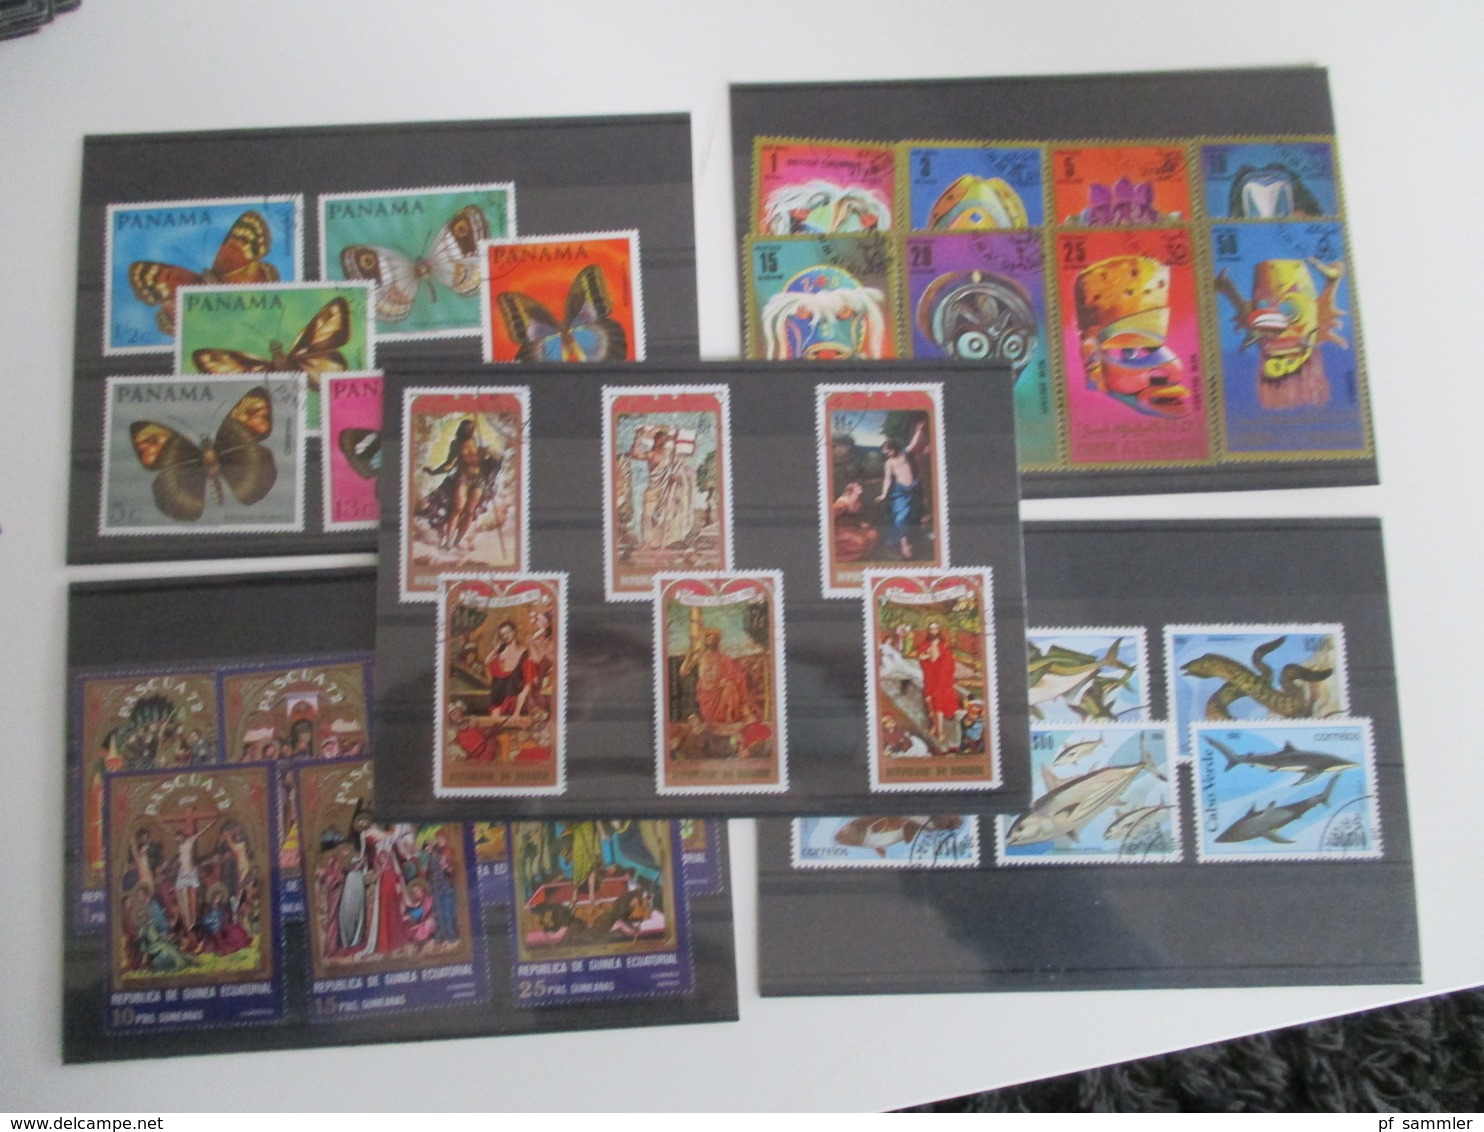 Steckkarten Posten 300 Stk.Europa - Übersee Viel GB / Frankreich Kolonien Mit Afrika Usw. Alt - Neu Mehr Als 3000 Marken - Briefmarken